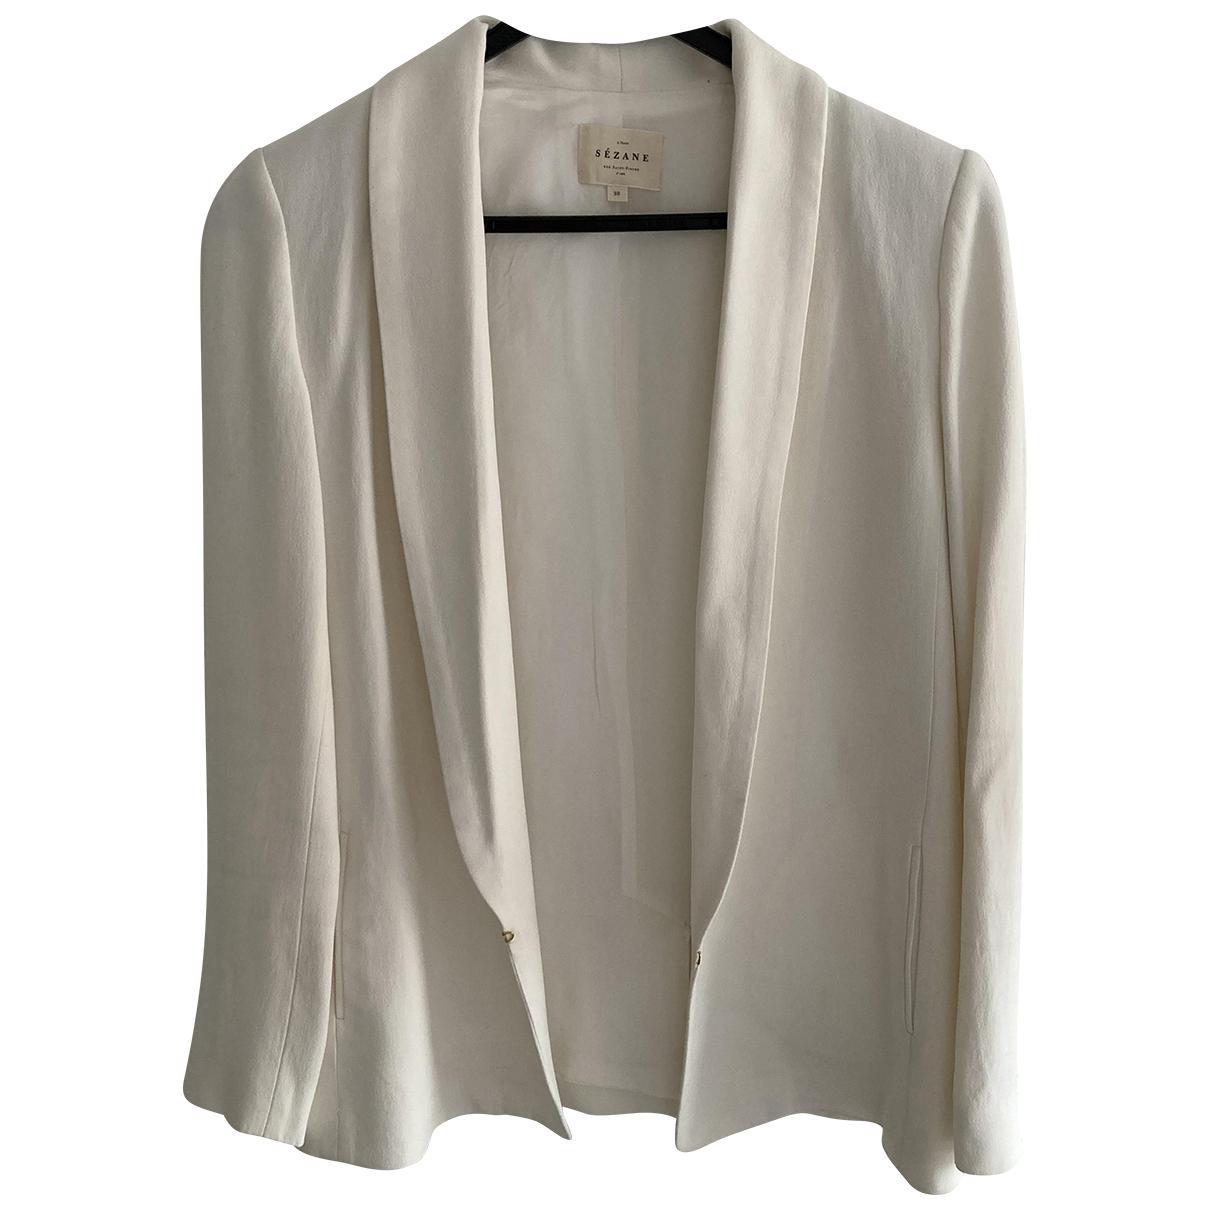 Sézane Spring Summer 2019 White jacket for Women 38 FR